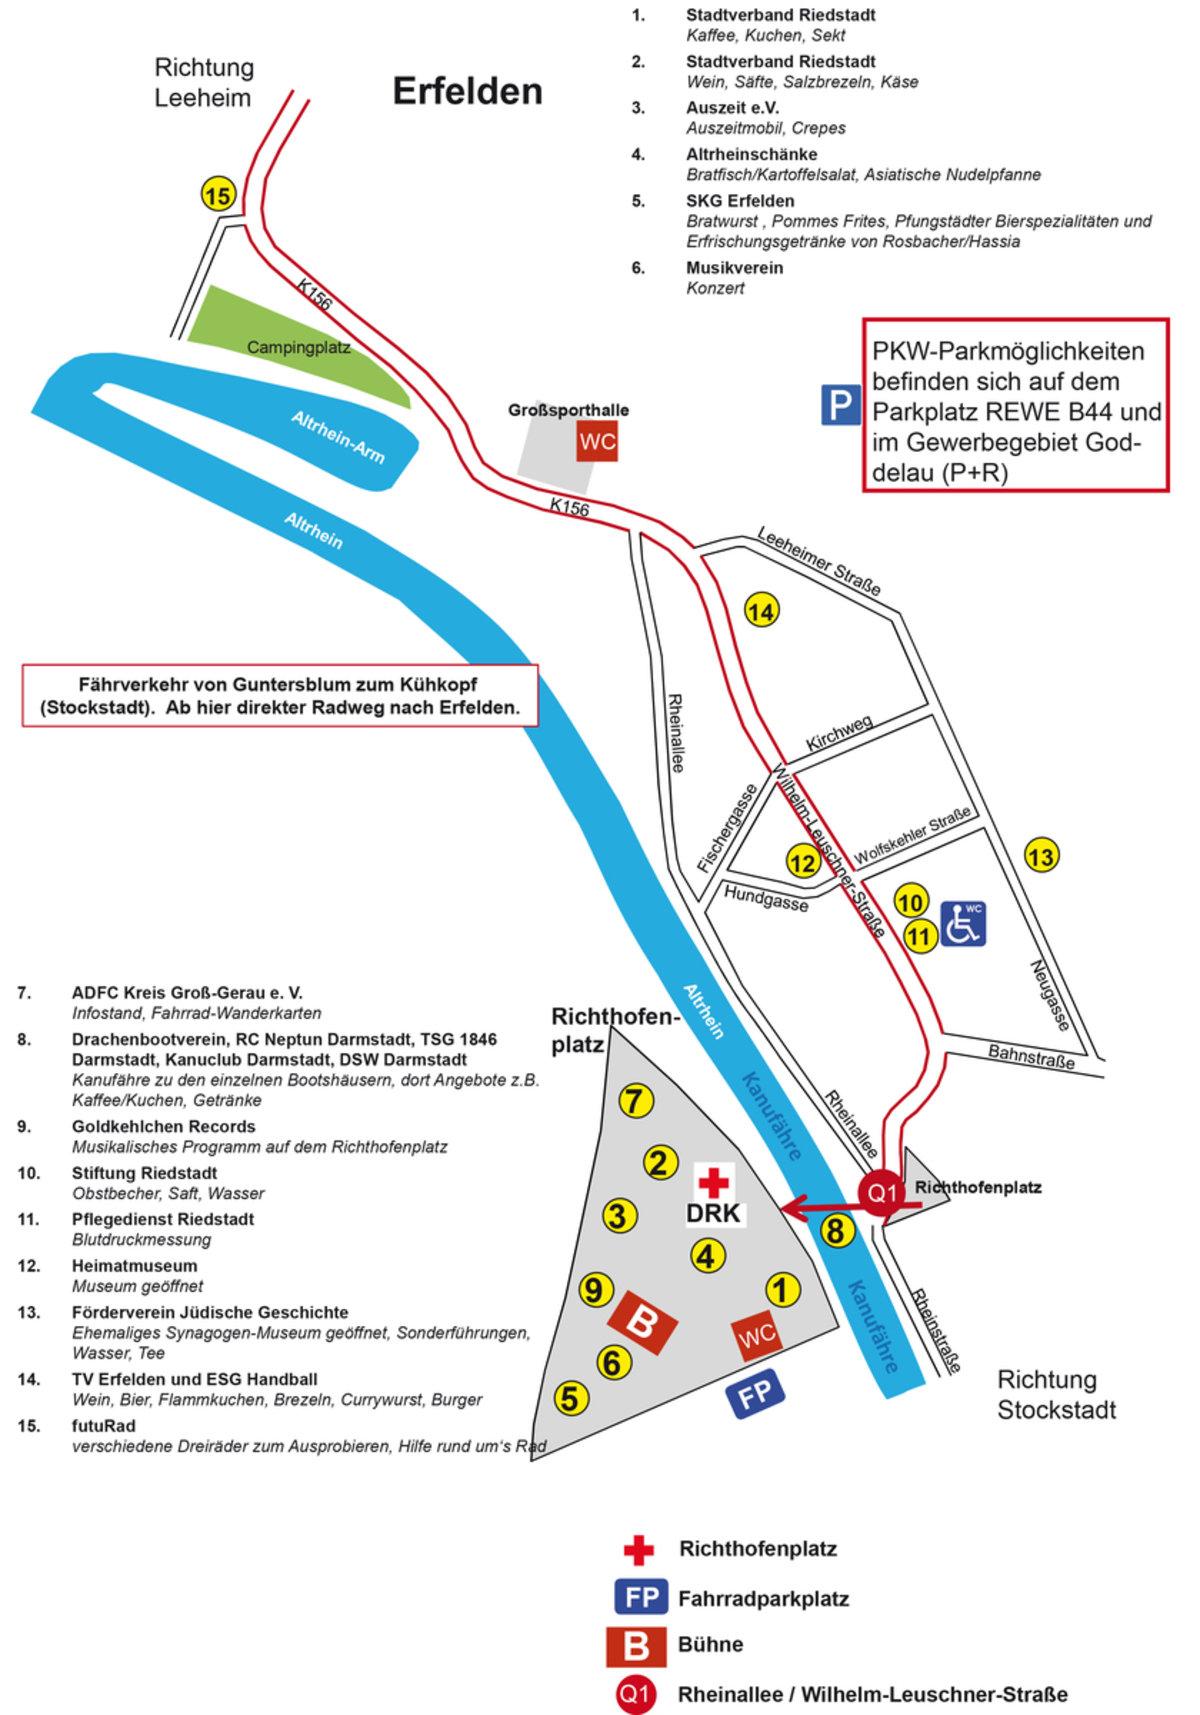 Unterhaltung, Information und Versorgung: Stadt Riedstadt